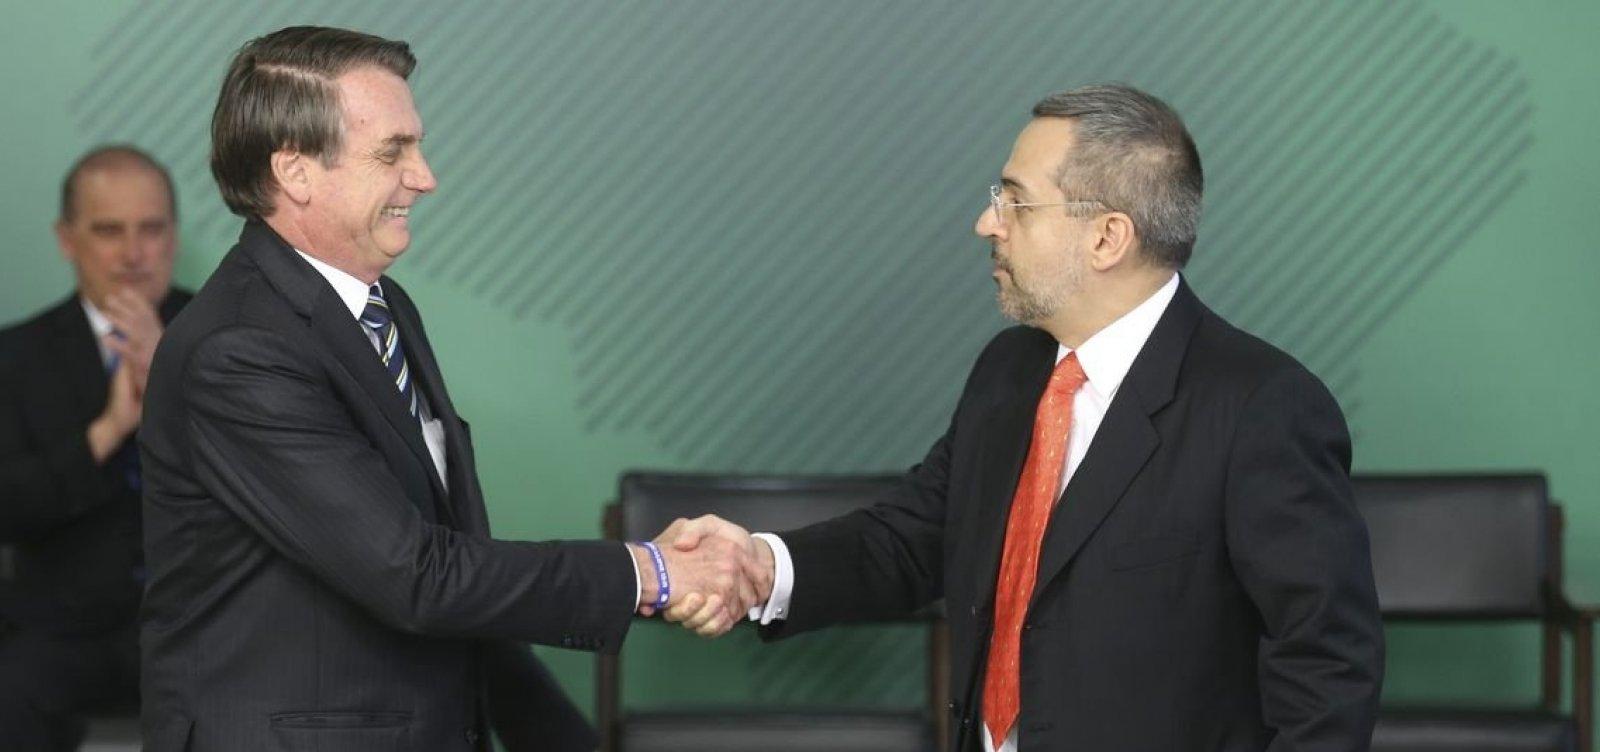 ['Ninguém vai cortar por maldade', diz Bolsonaro sobre cortes do MEC]